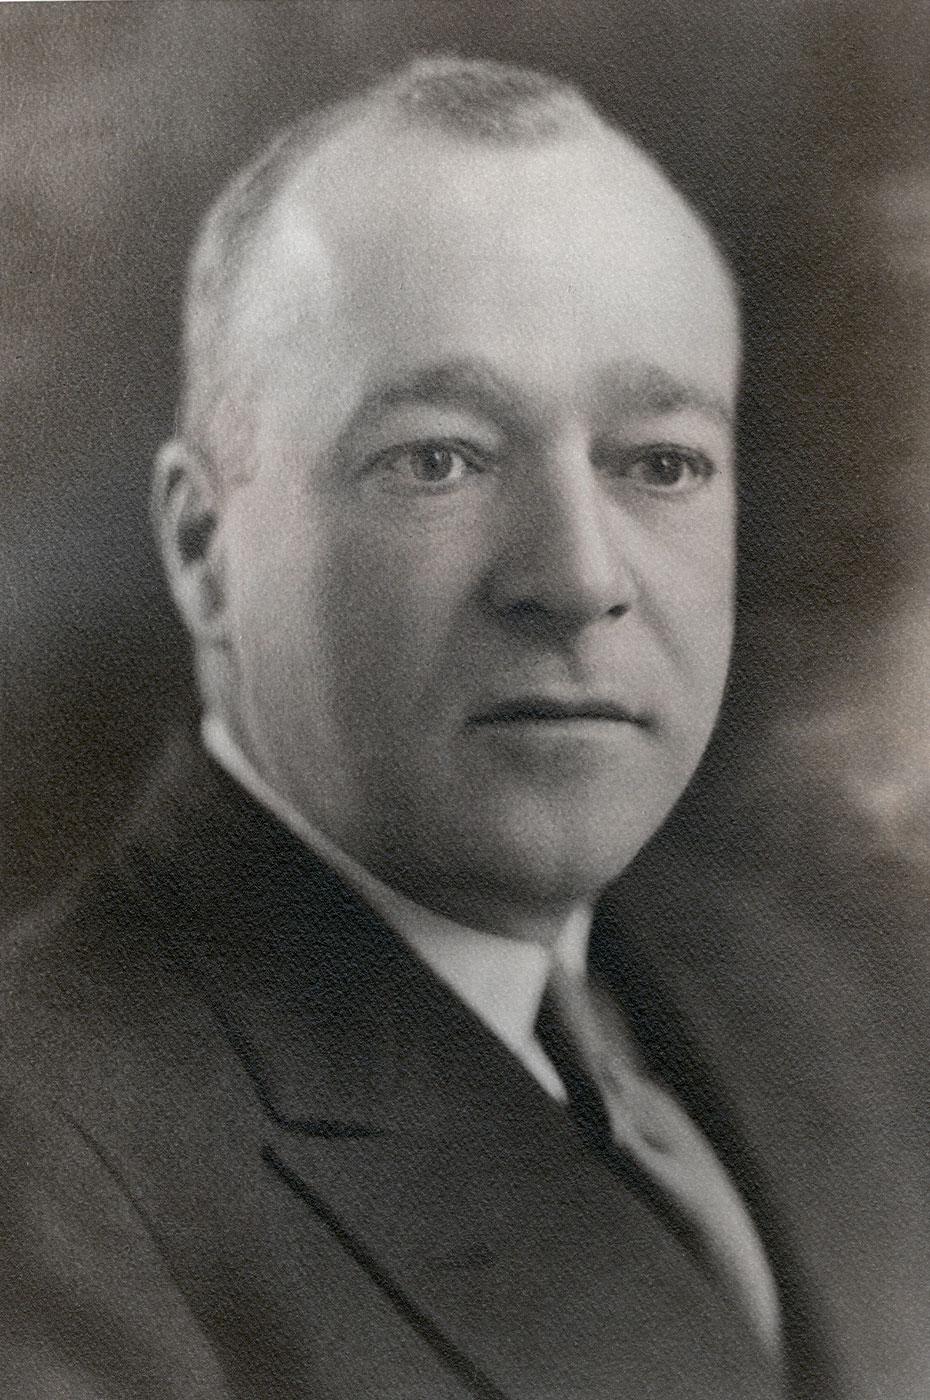 Joseph S. Helm